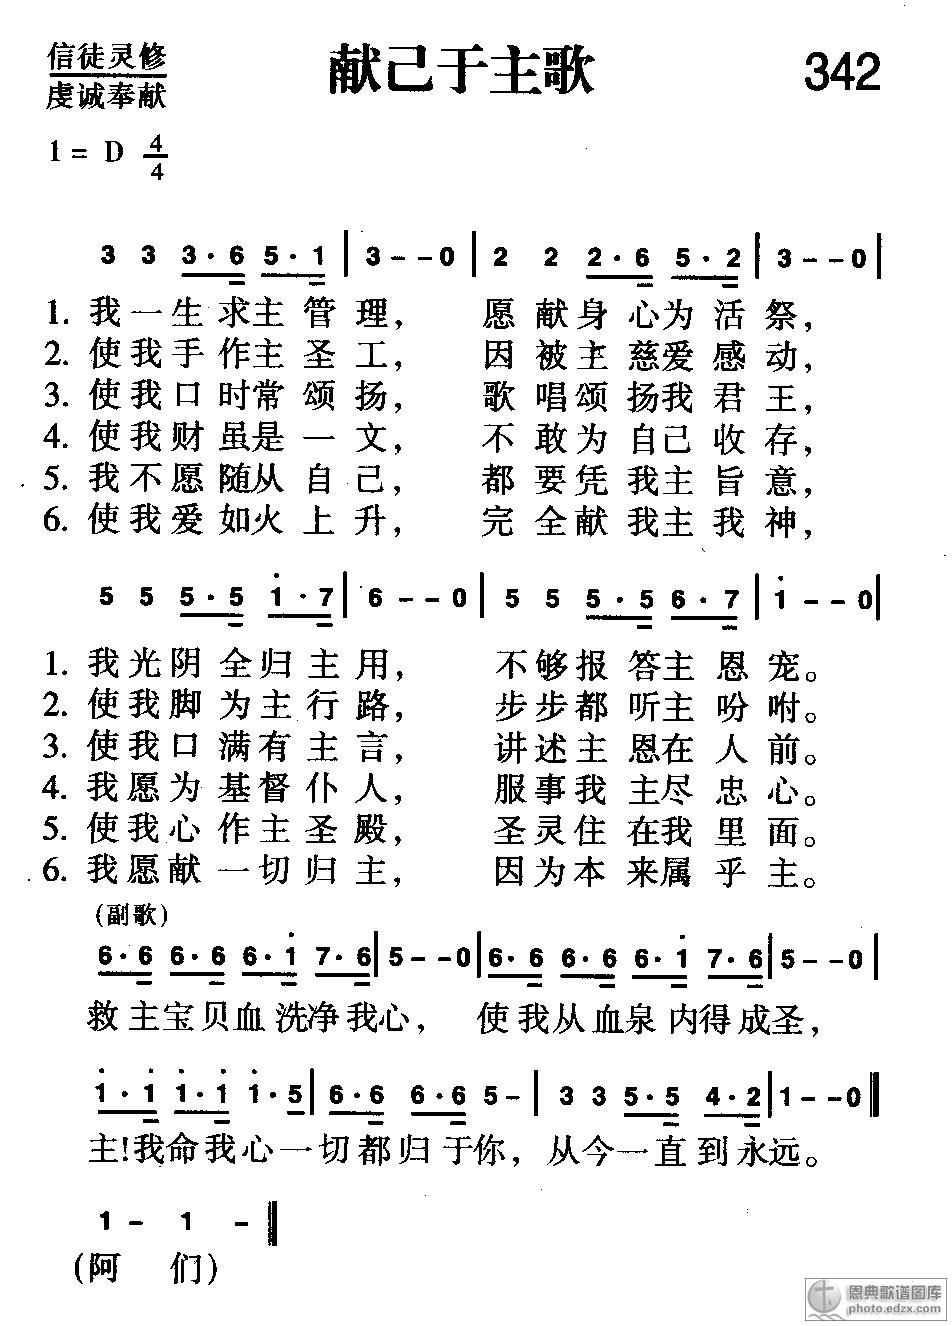 342首 献己于主歌 - 赞美诗歌谱-新编赞美诗400首--教